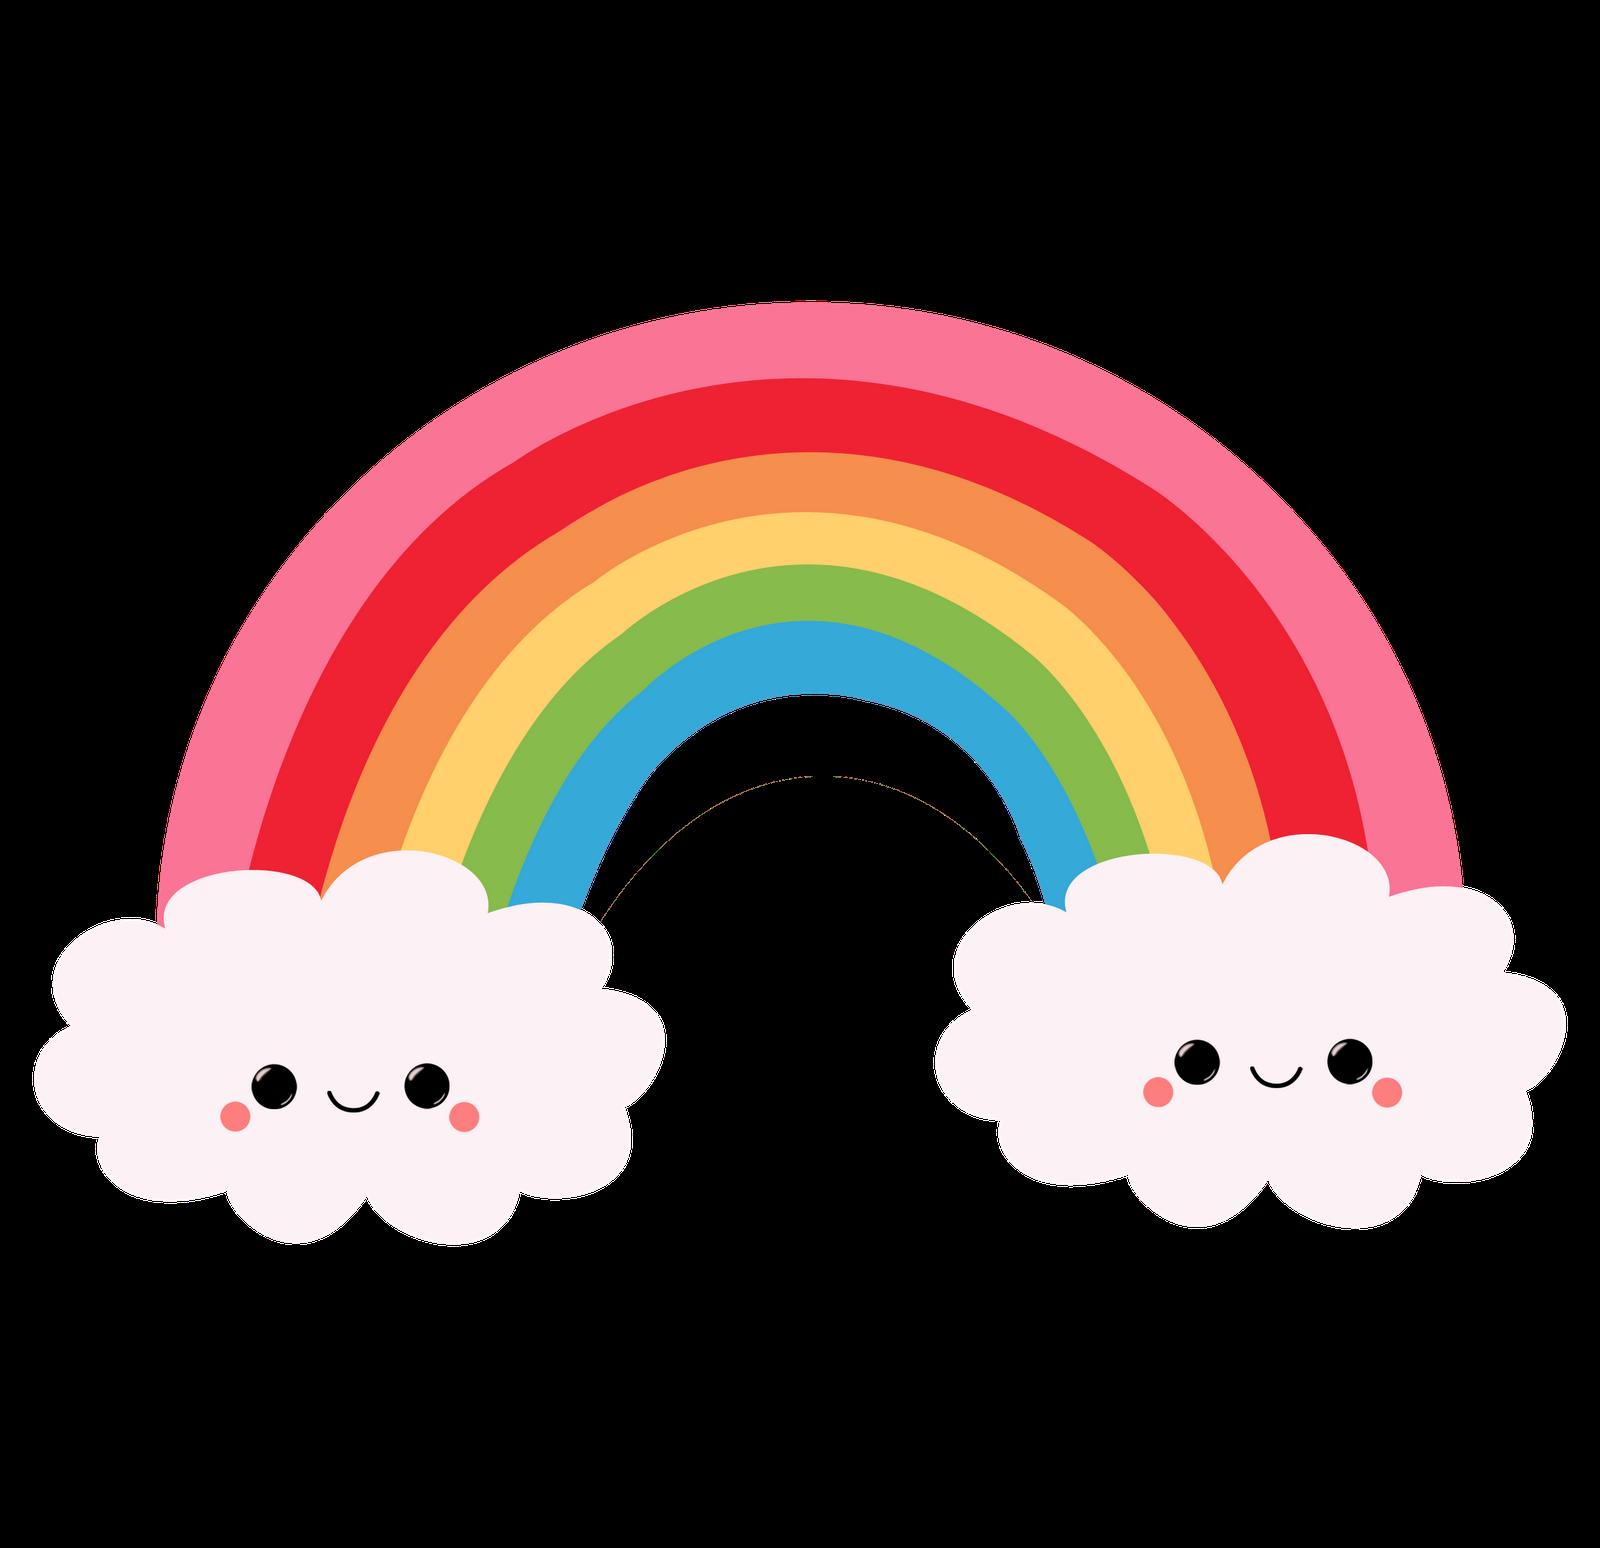 Image result for kawaii cloud transparent background